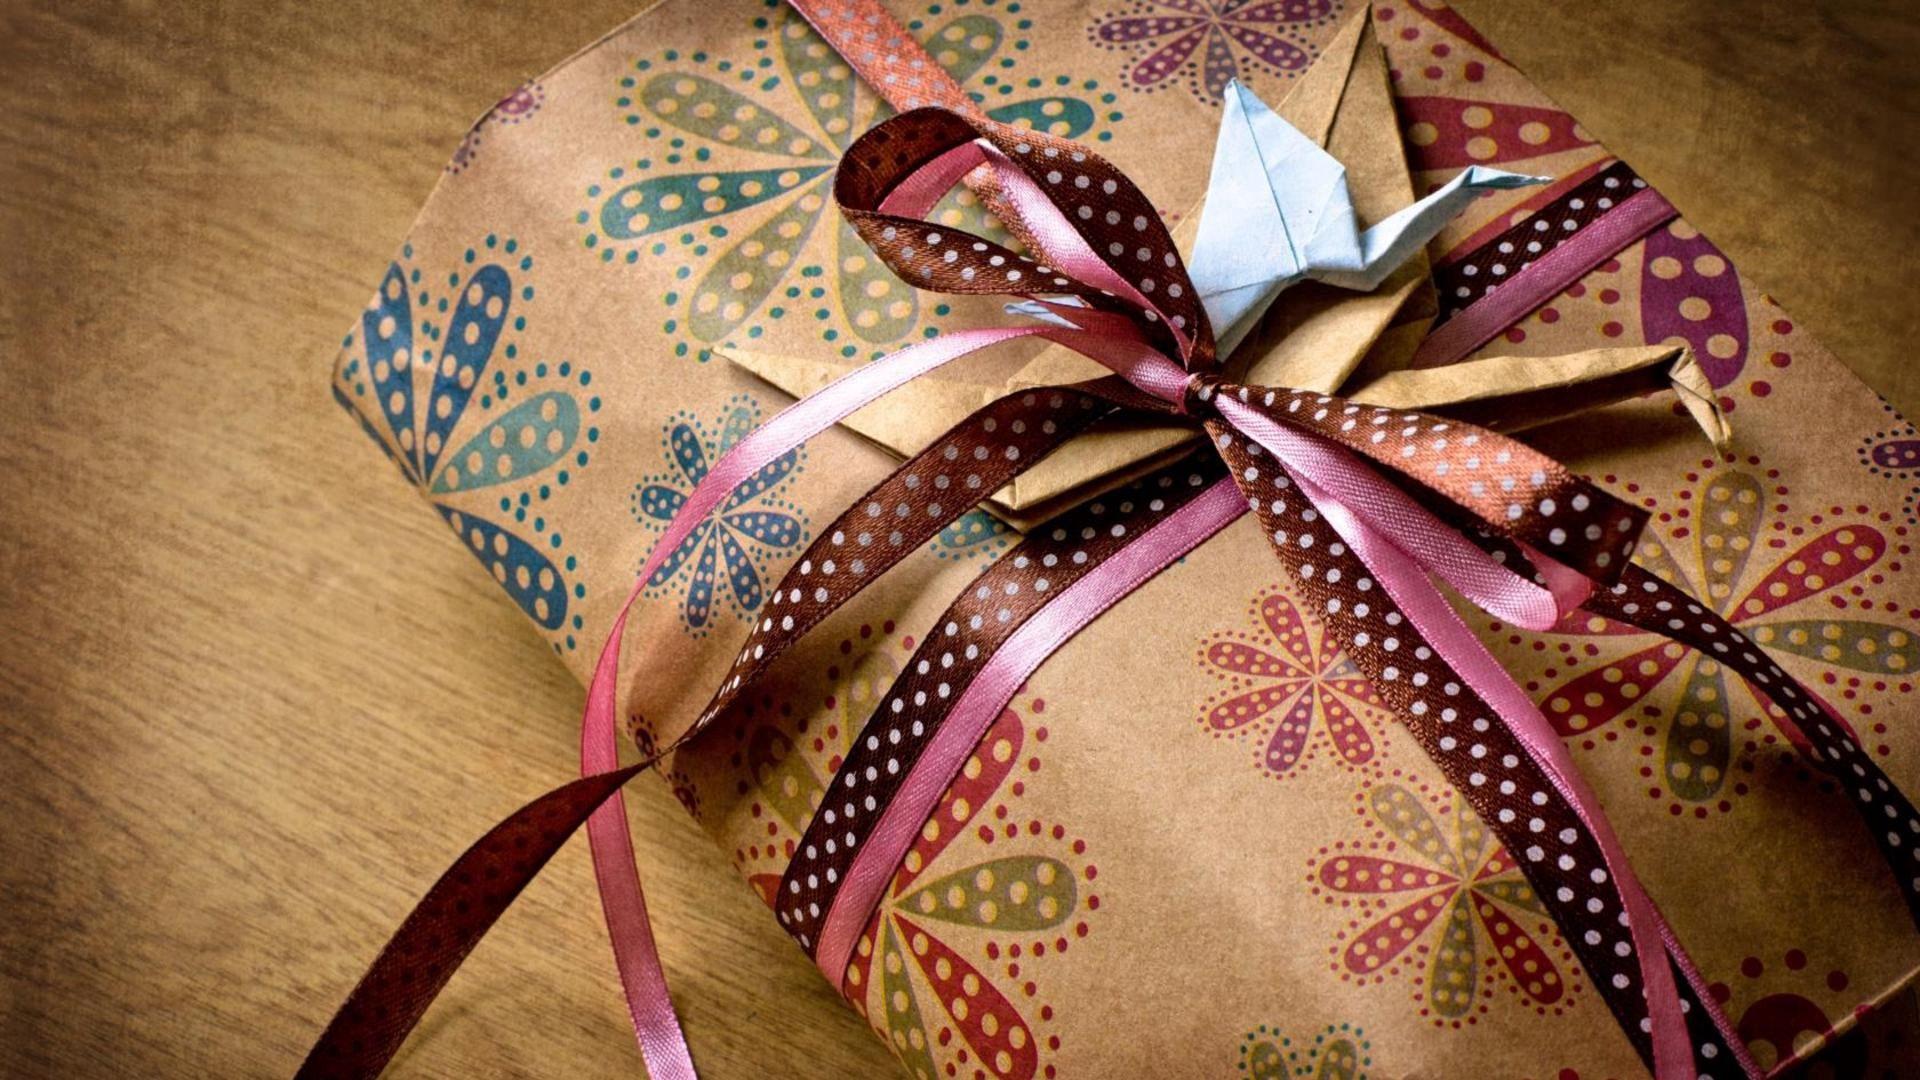 54424 скачать обои Разное, Пакет, Банты, Ленты, Подарок, Упаковка - заставки и картинки бесплатно